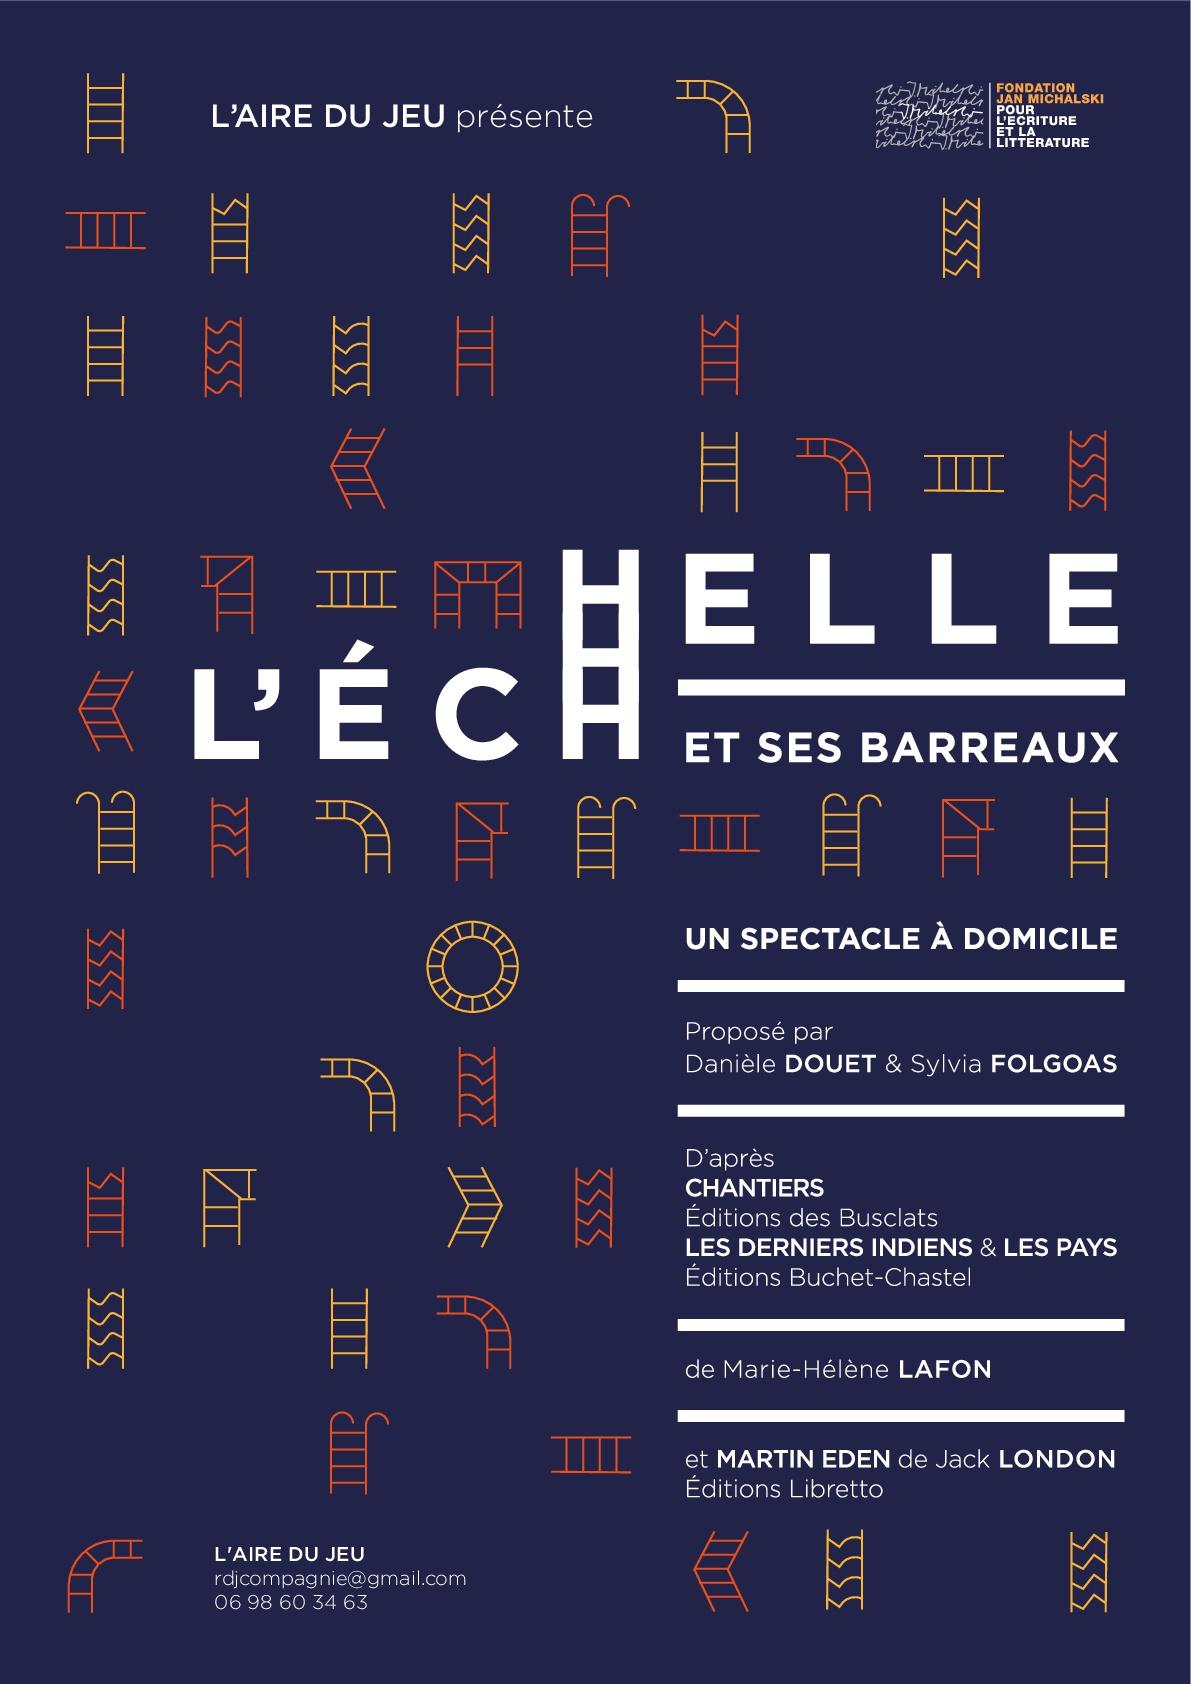 Spectacle littéraire L'échelle et ses barreaux, d'après des textes de Marie-Hélène Lafon (Fondation Jan Michalski, Suisse)